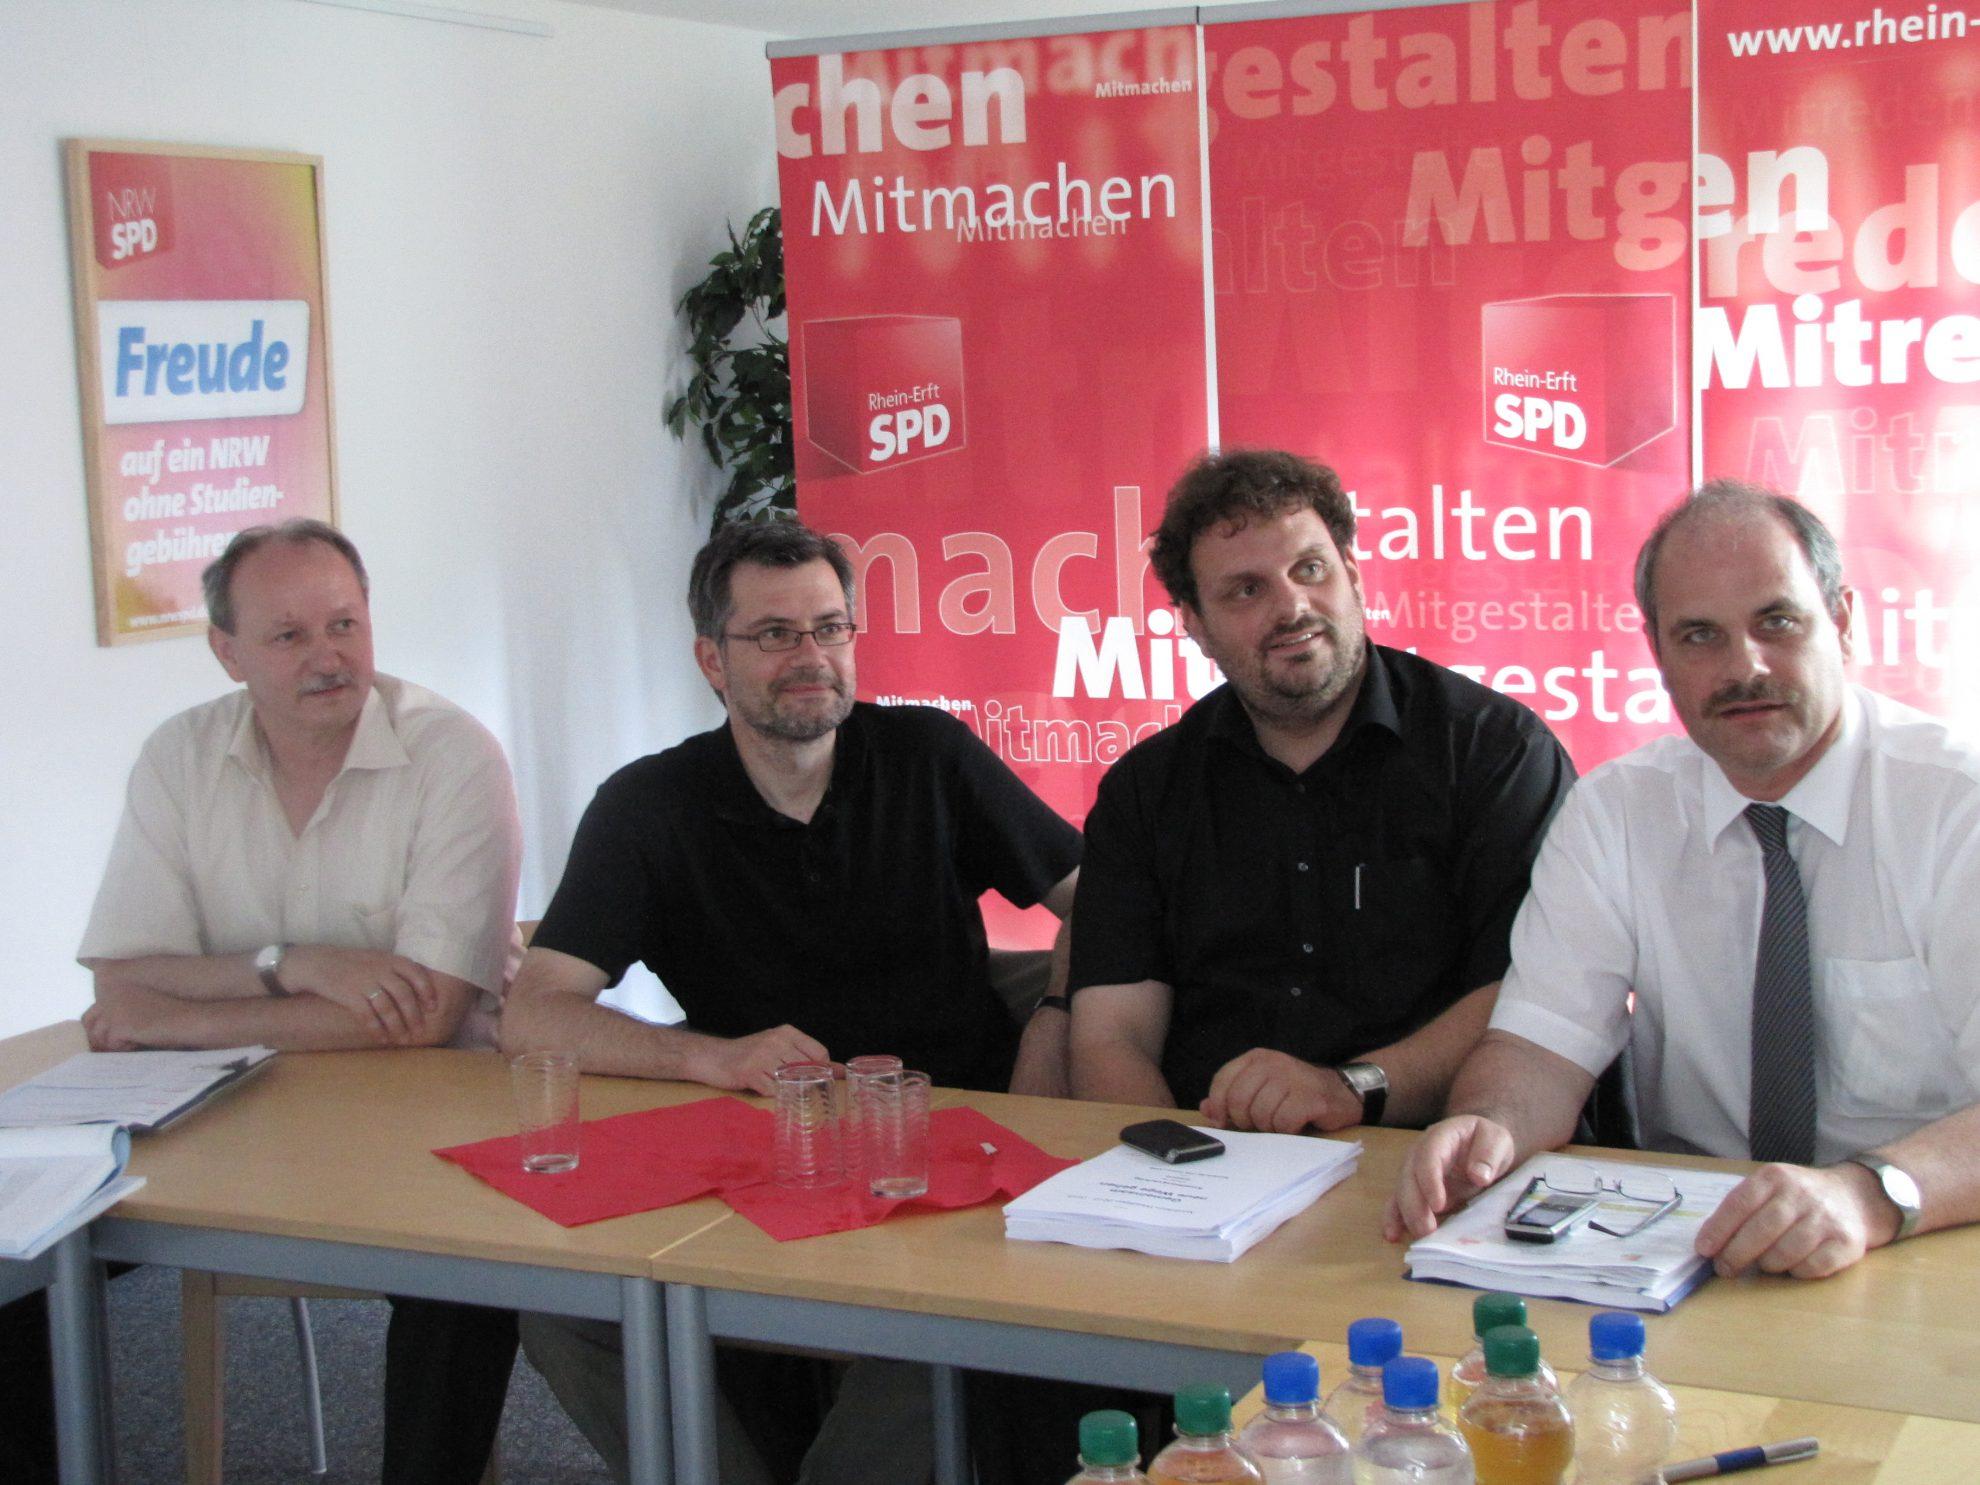 Hans-Peter Lafos, Dietmar Nietan, Guido van den Berg, Dieter Faust (13.7.2010)